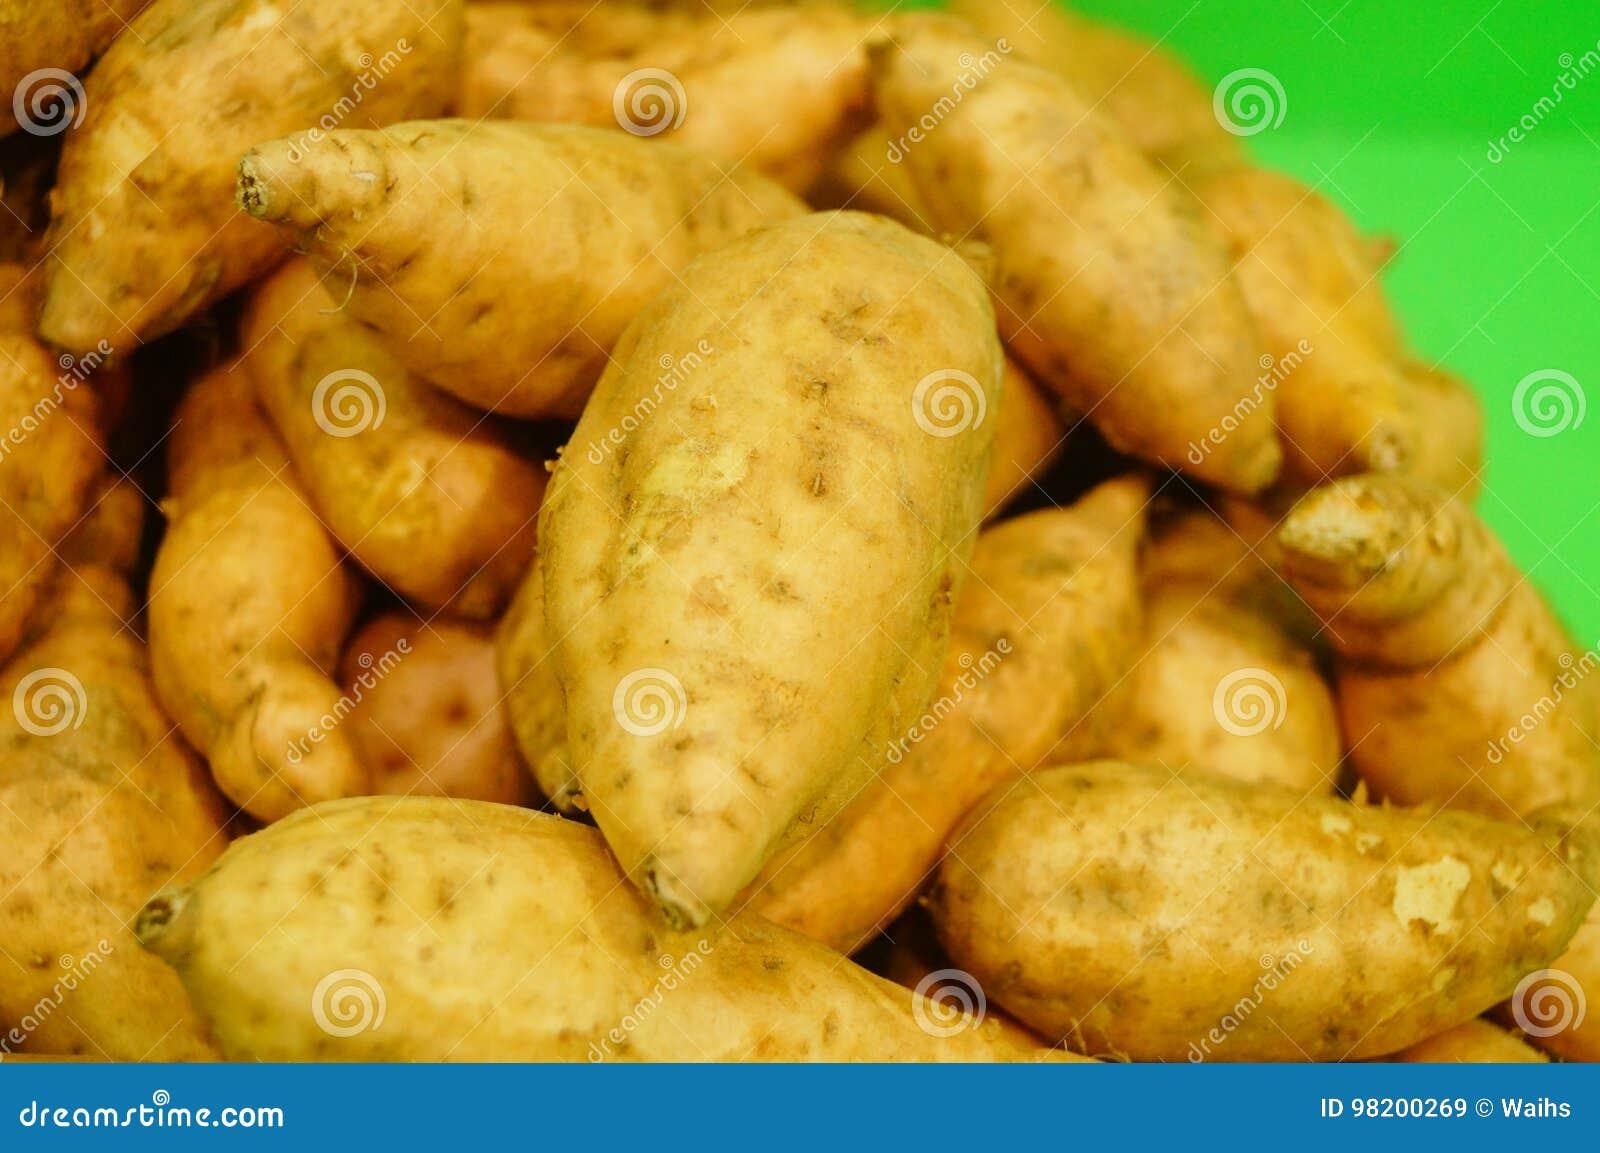 Download Сладкий картофель, произведенный в провинции Цзянси Китая Стоковое Изображение - изображение насчитывающей экологическо, еда: 98200269